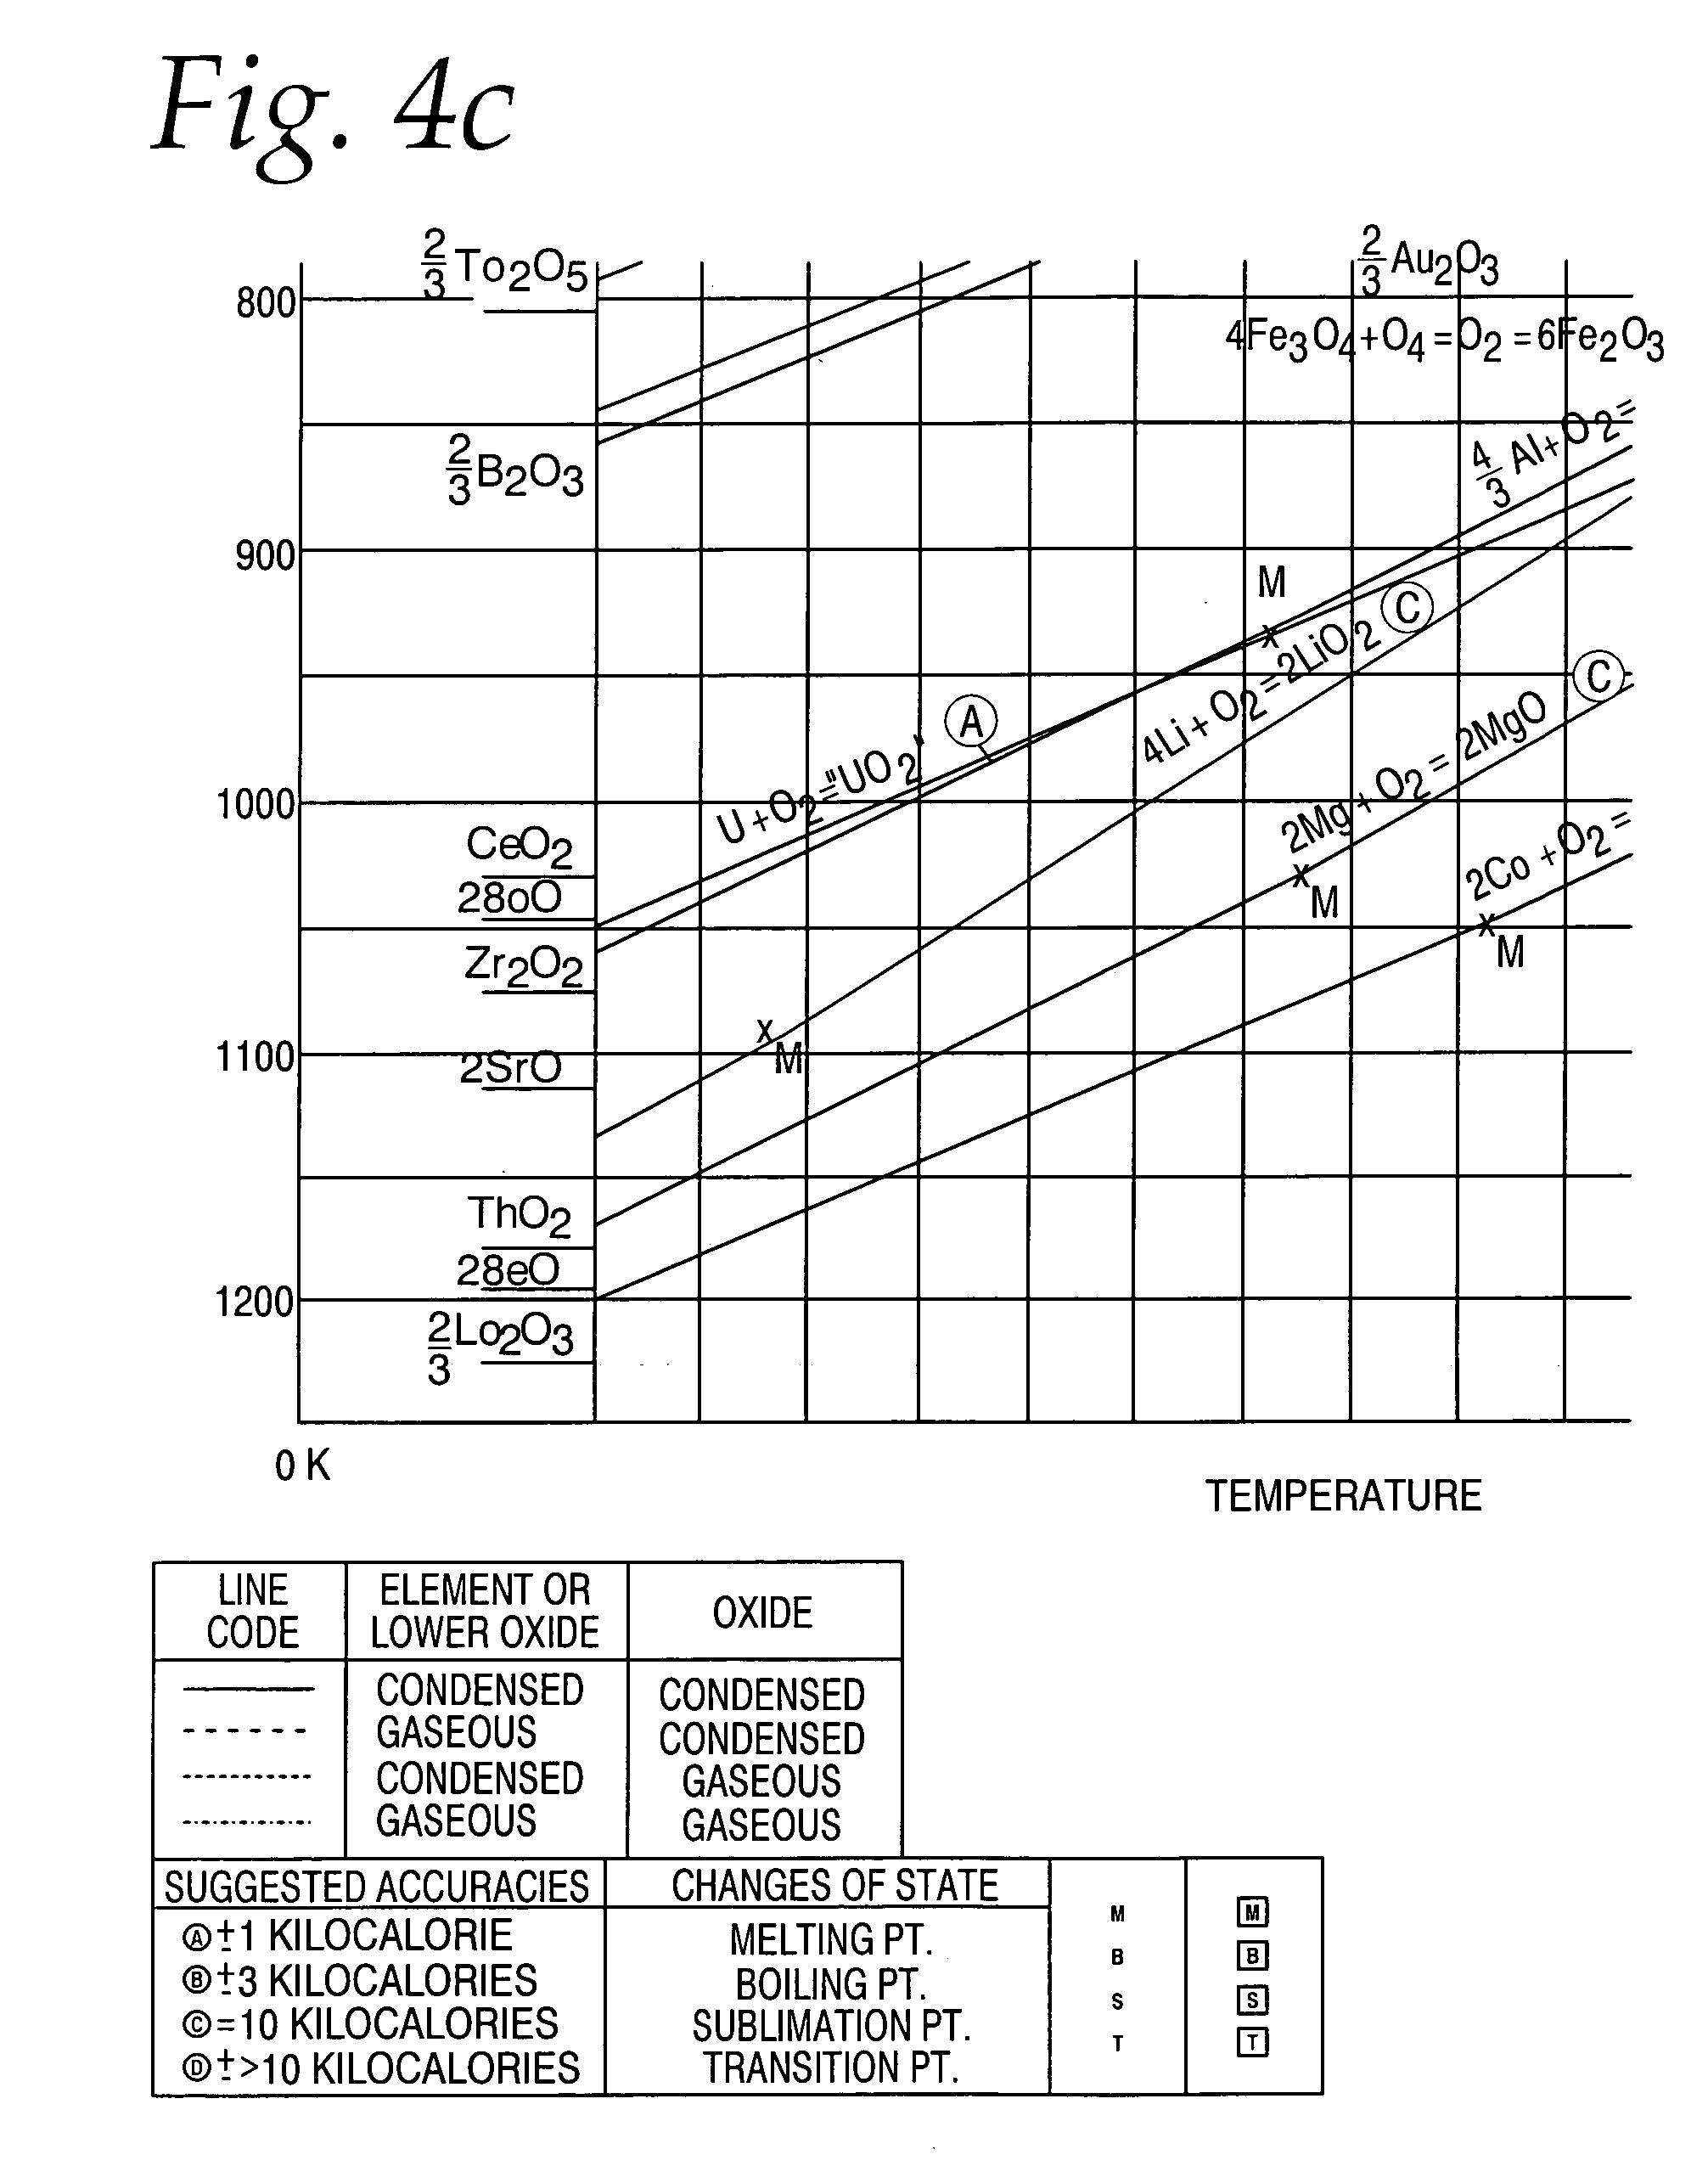 Vanadium ellingham diagram circuit connection diagram brevet us20060213771 high temperature potentiometric oxygen sensor rh google dj blast furnace diagram ellingham diagram oxides for non ferrous ccuart Gallery